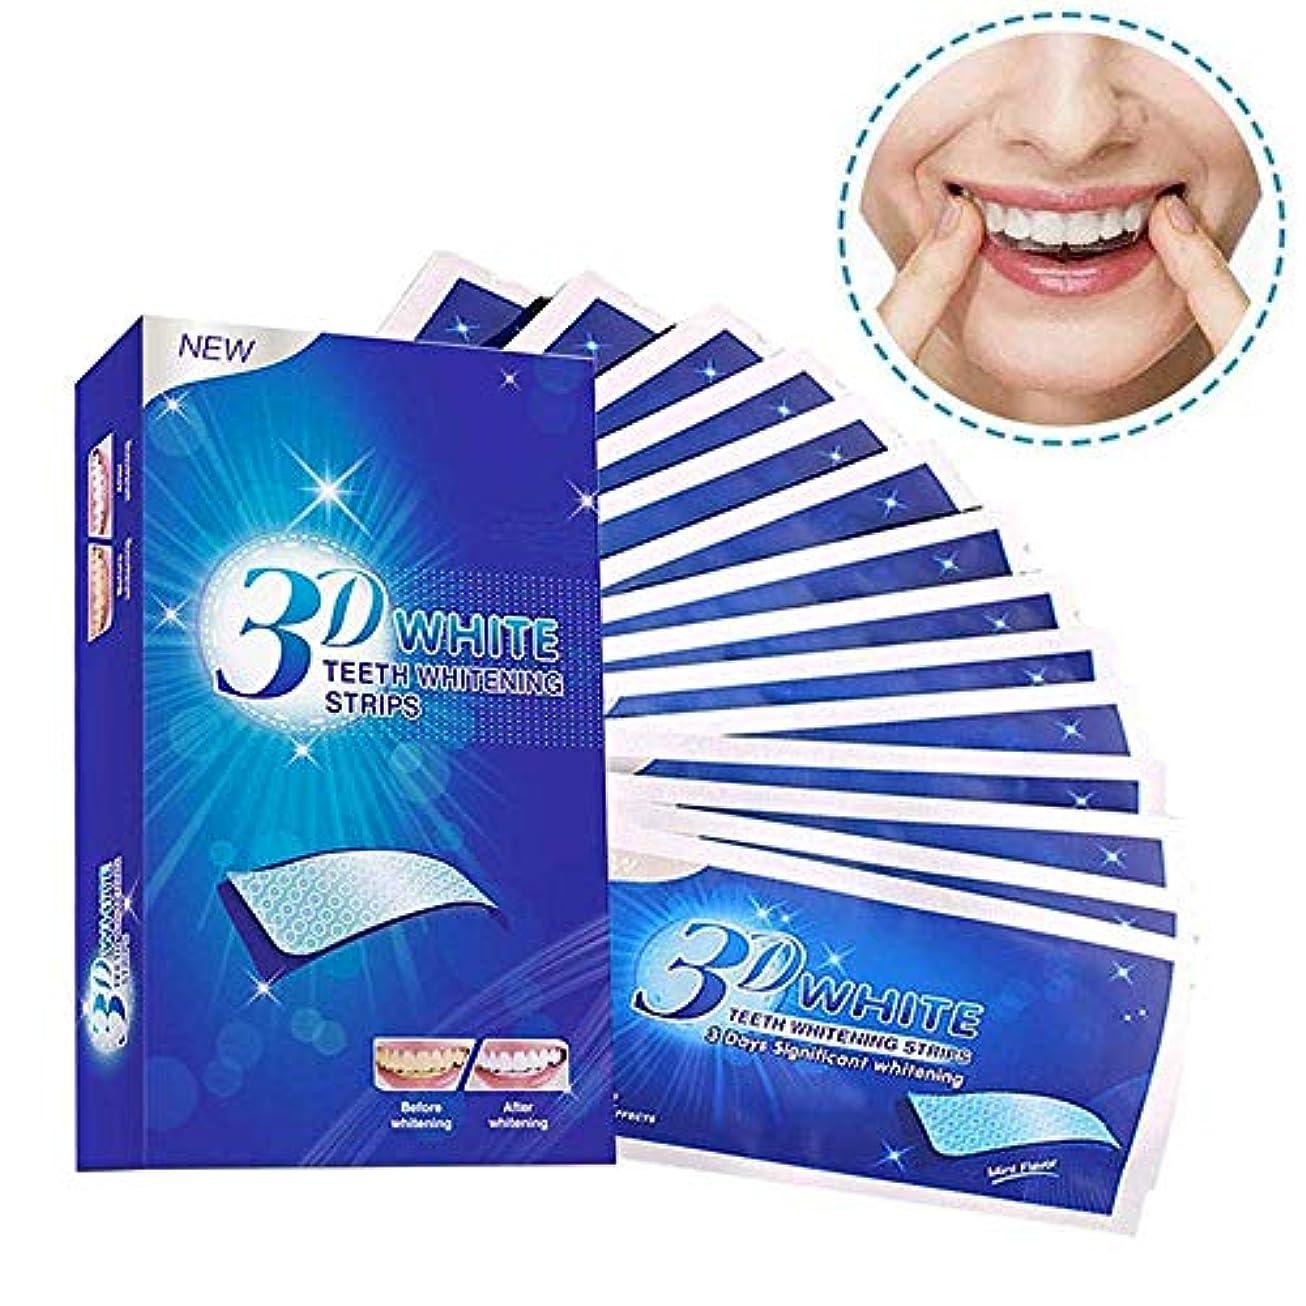 早熟排除する珍味歯 美白 ホワイトニング マニキュア 歯ケア 歯のホワイトニング 美白歯磨き 歯を白 ホワイトニングテープ 歯を漂白 7セット/14枚 (7セット/14枚)